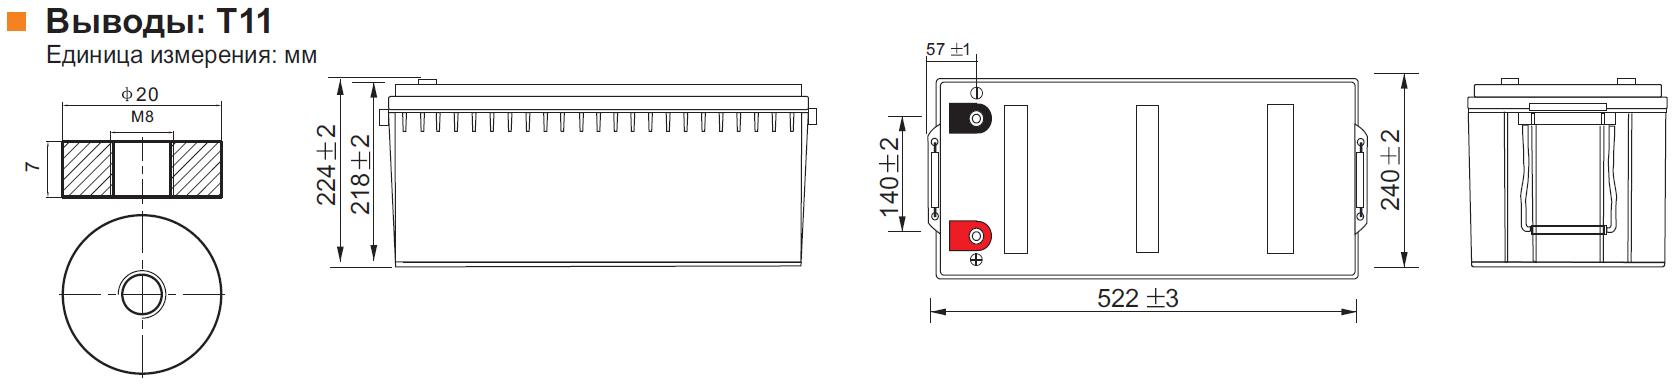 Габариты и тип клемм аккумулятора Leoch DJM 12200